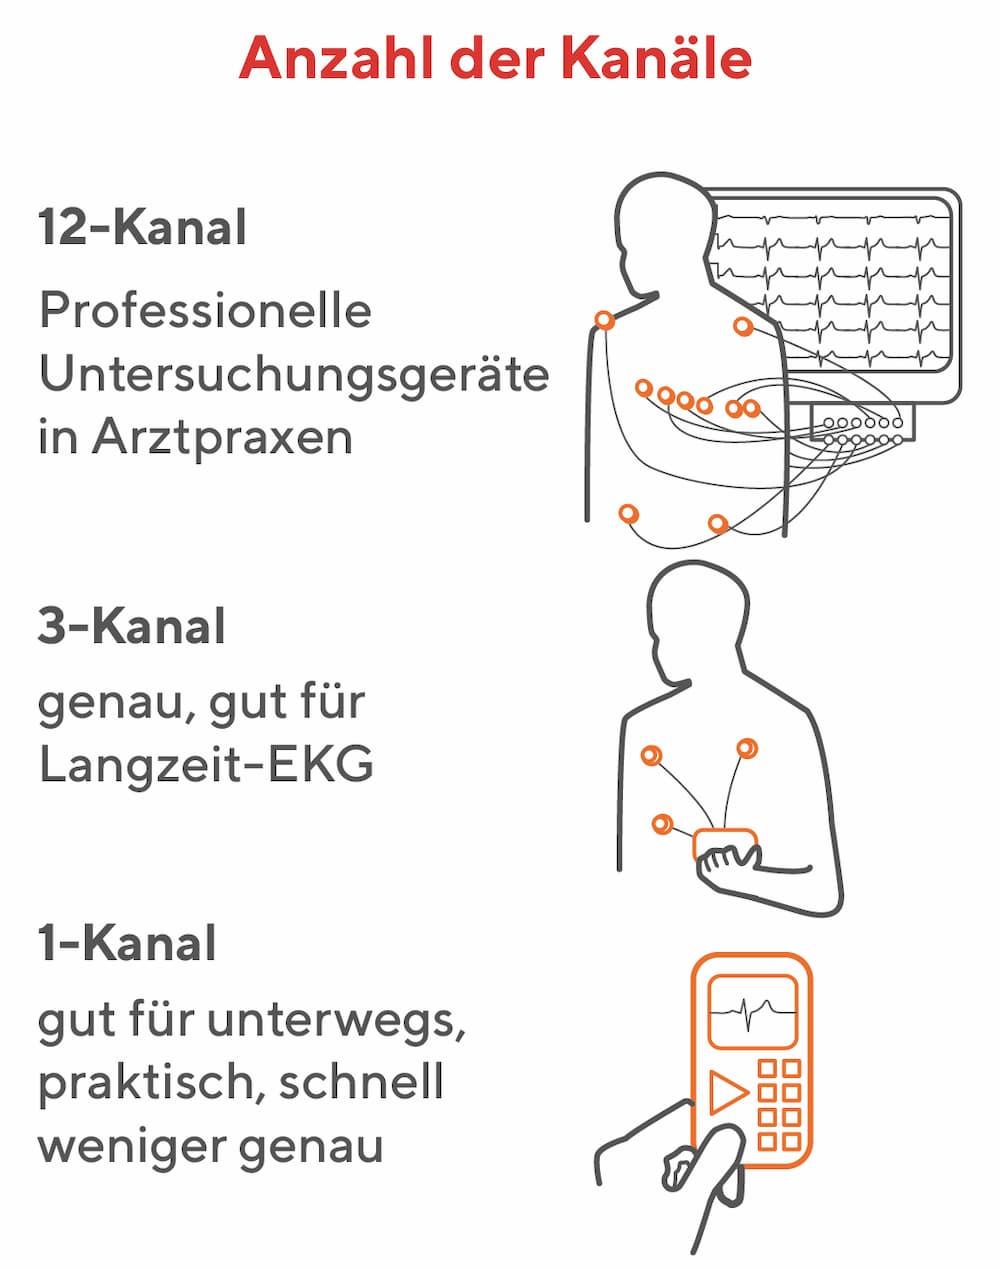 EKGs: Anzahl der Kanäle